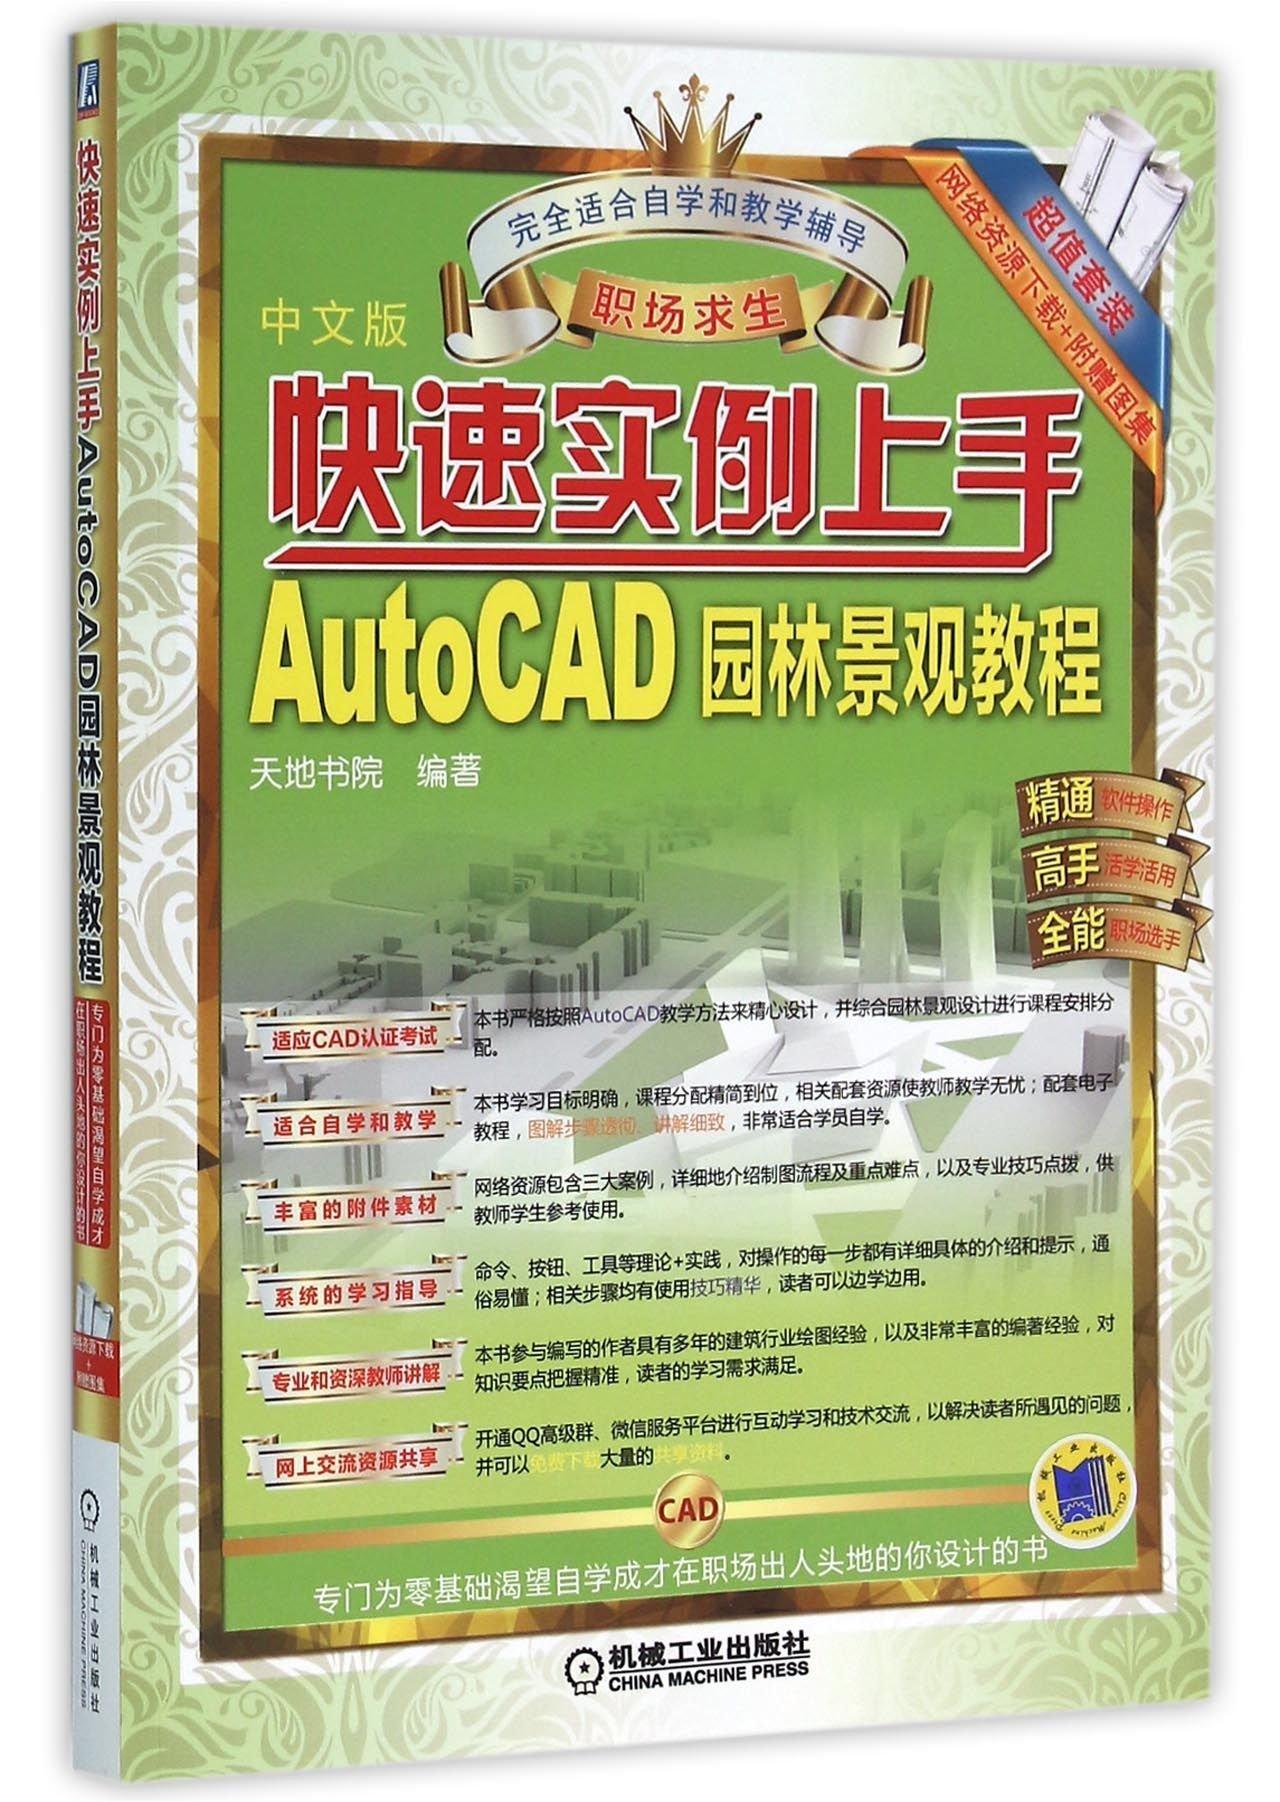 快速实例上手(AutoCAD园林景观教程中文版) PDF